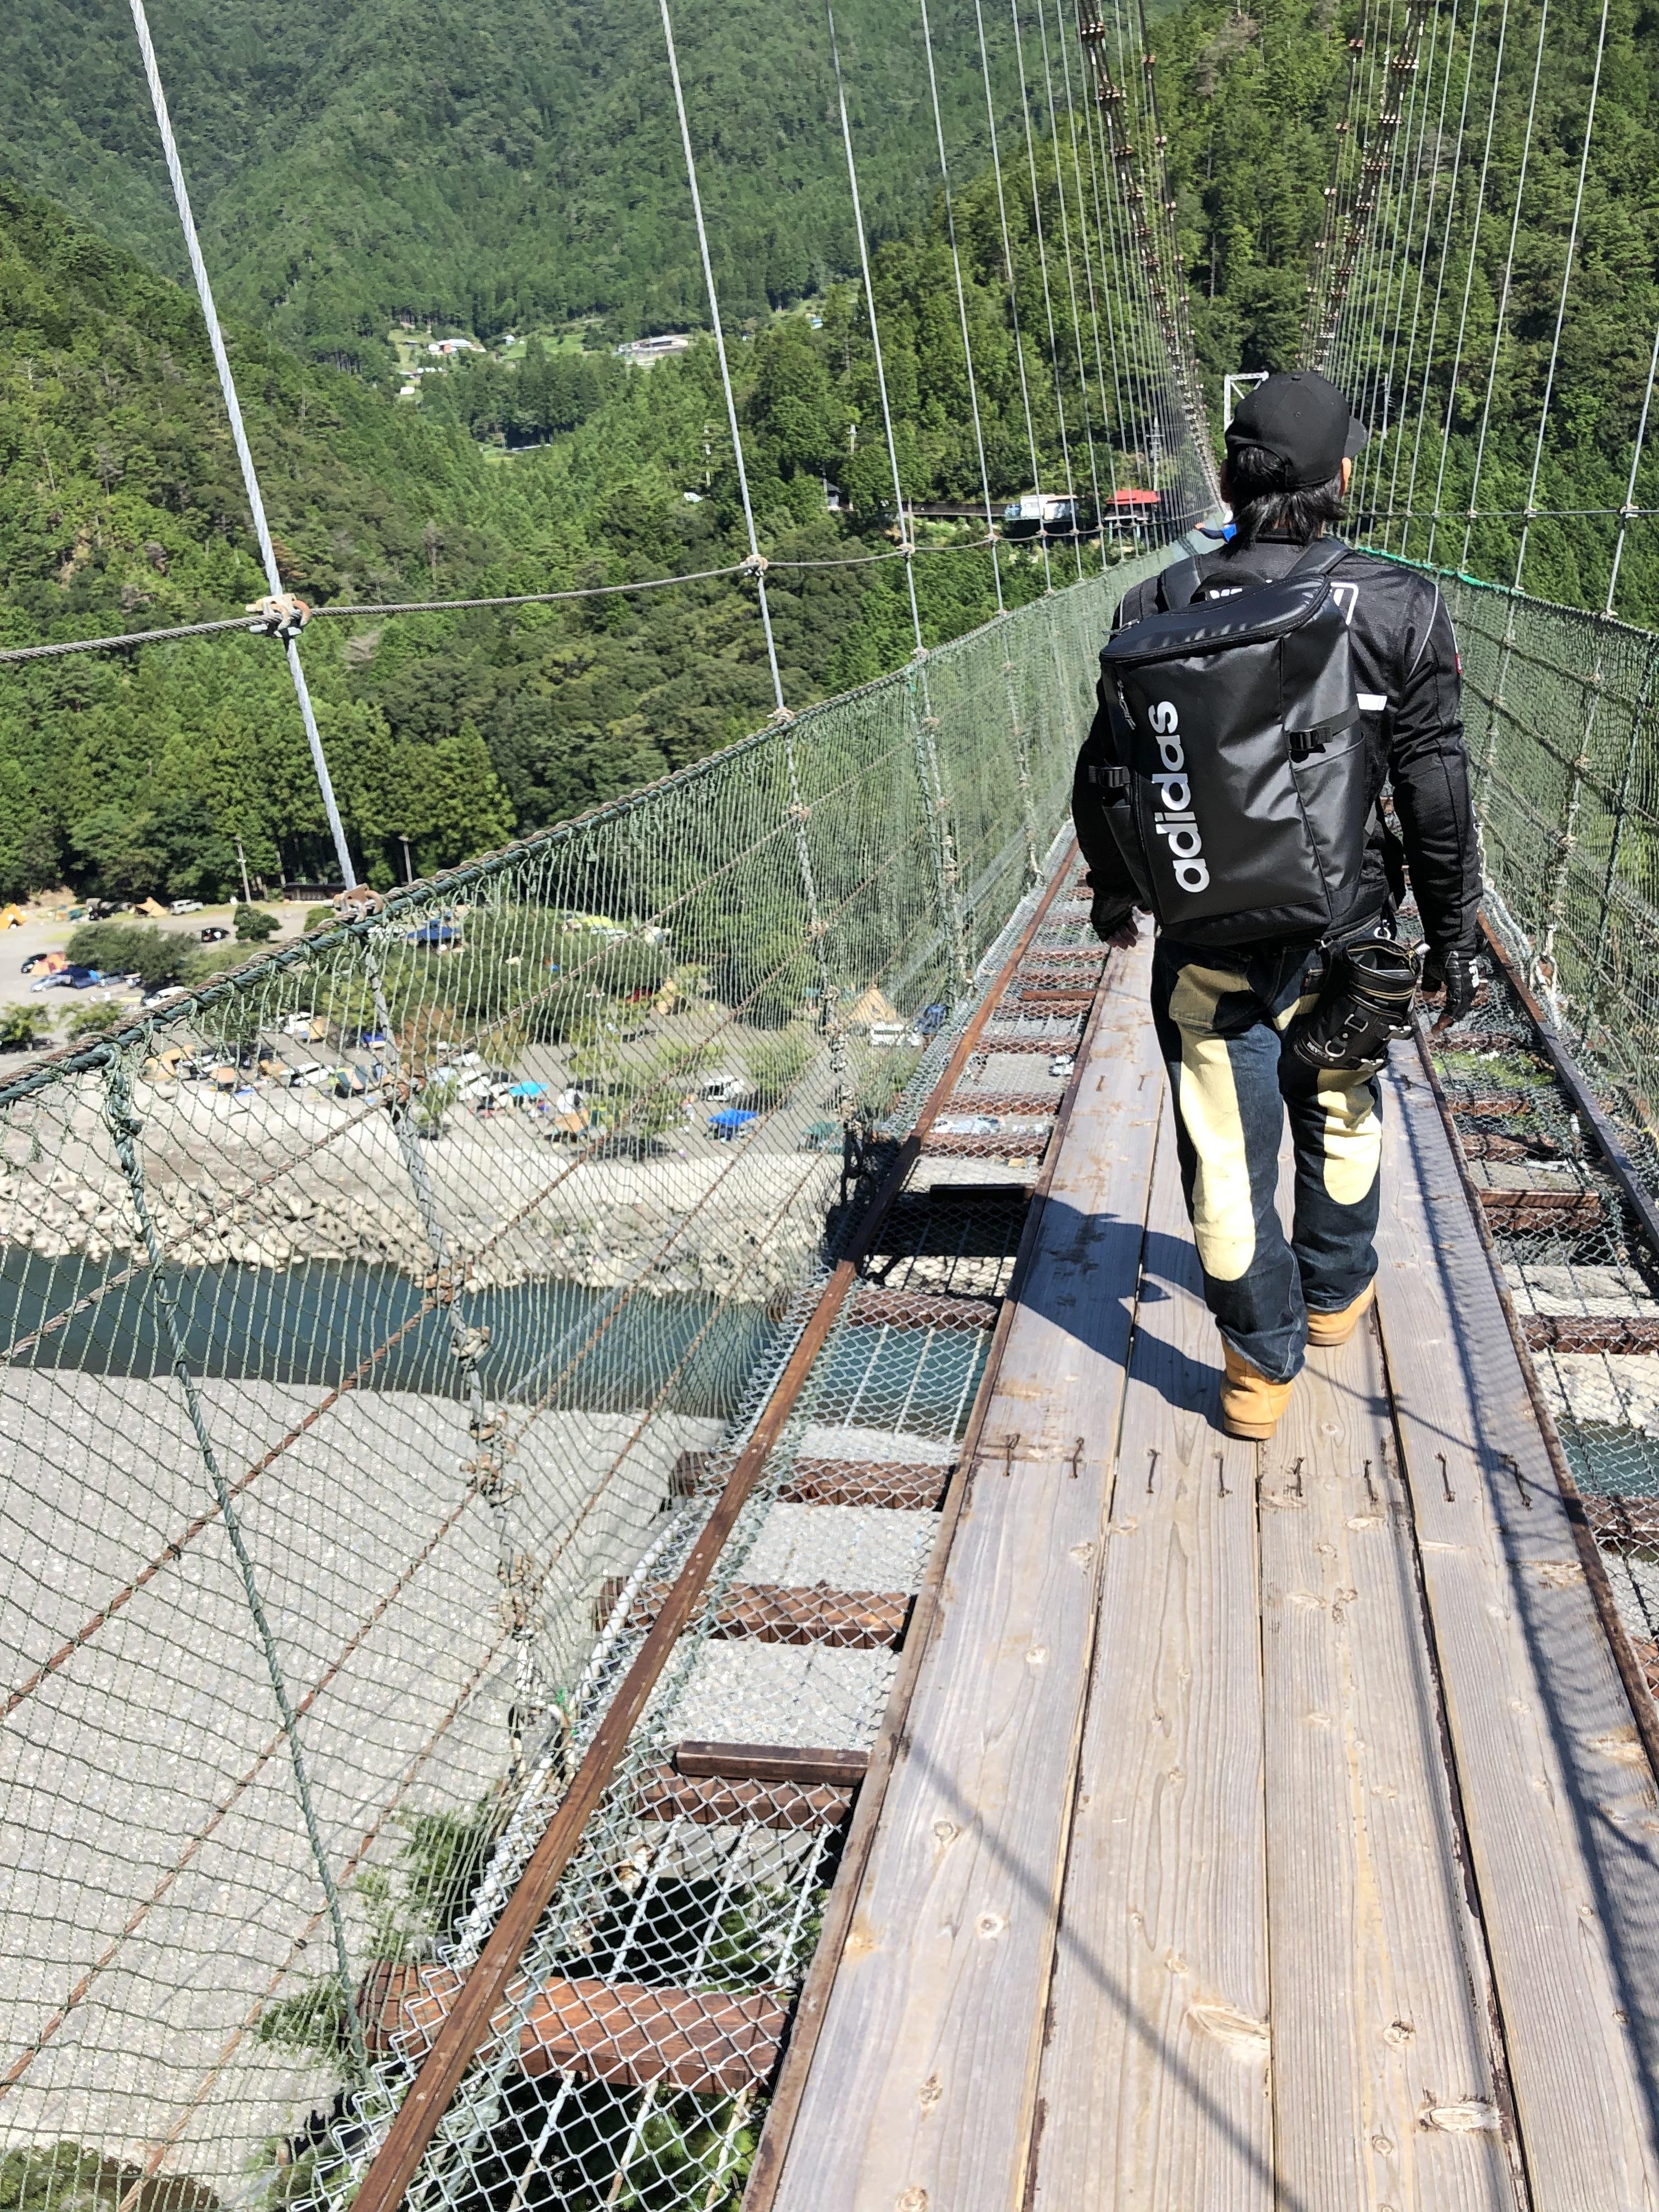 ぴーきち&ダイナ ハーレー で行く 十津川村 ツーリング 谷瀬の吊り橋